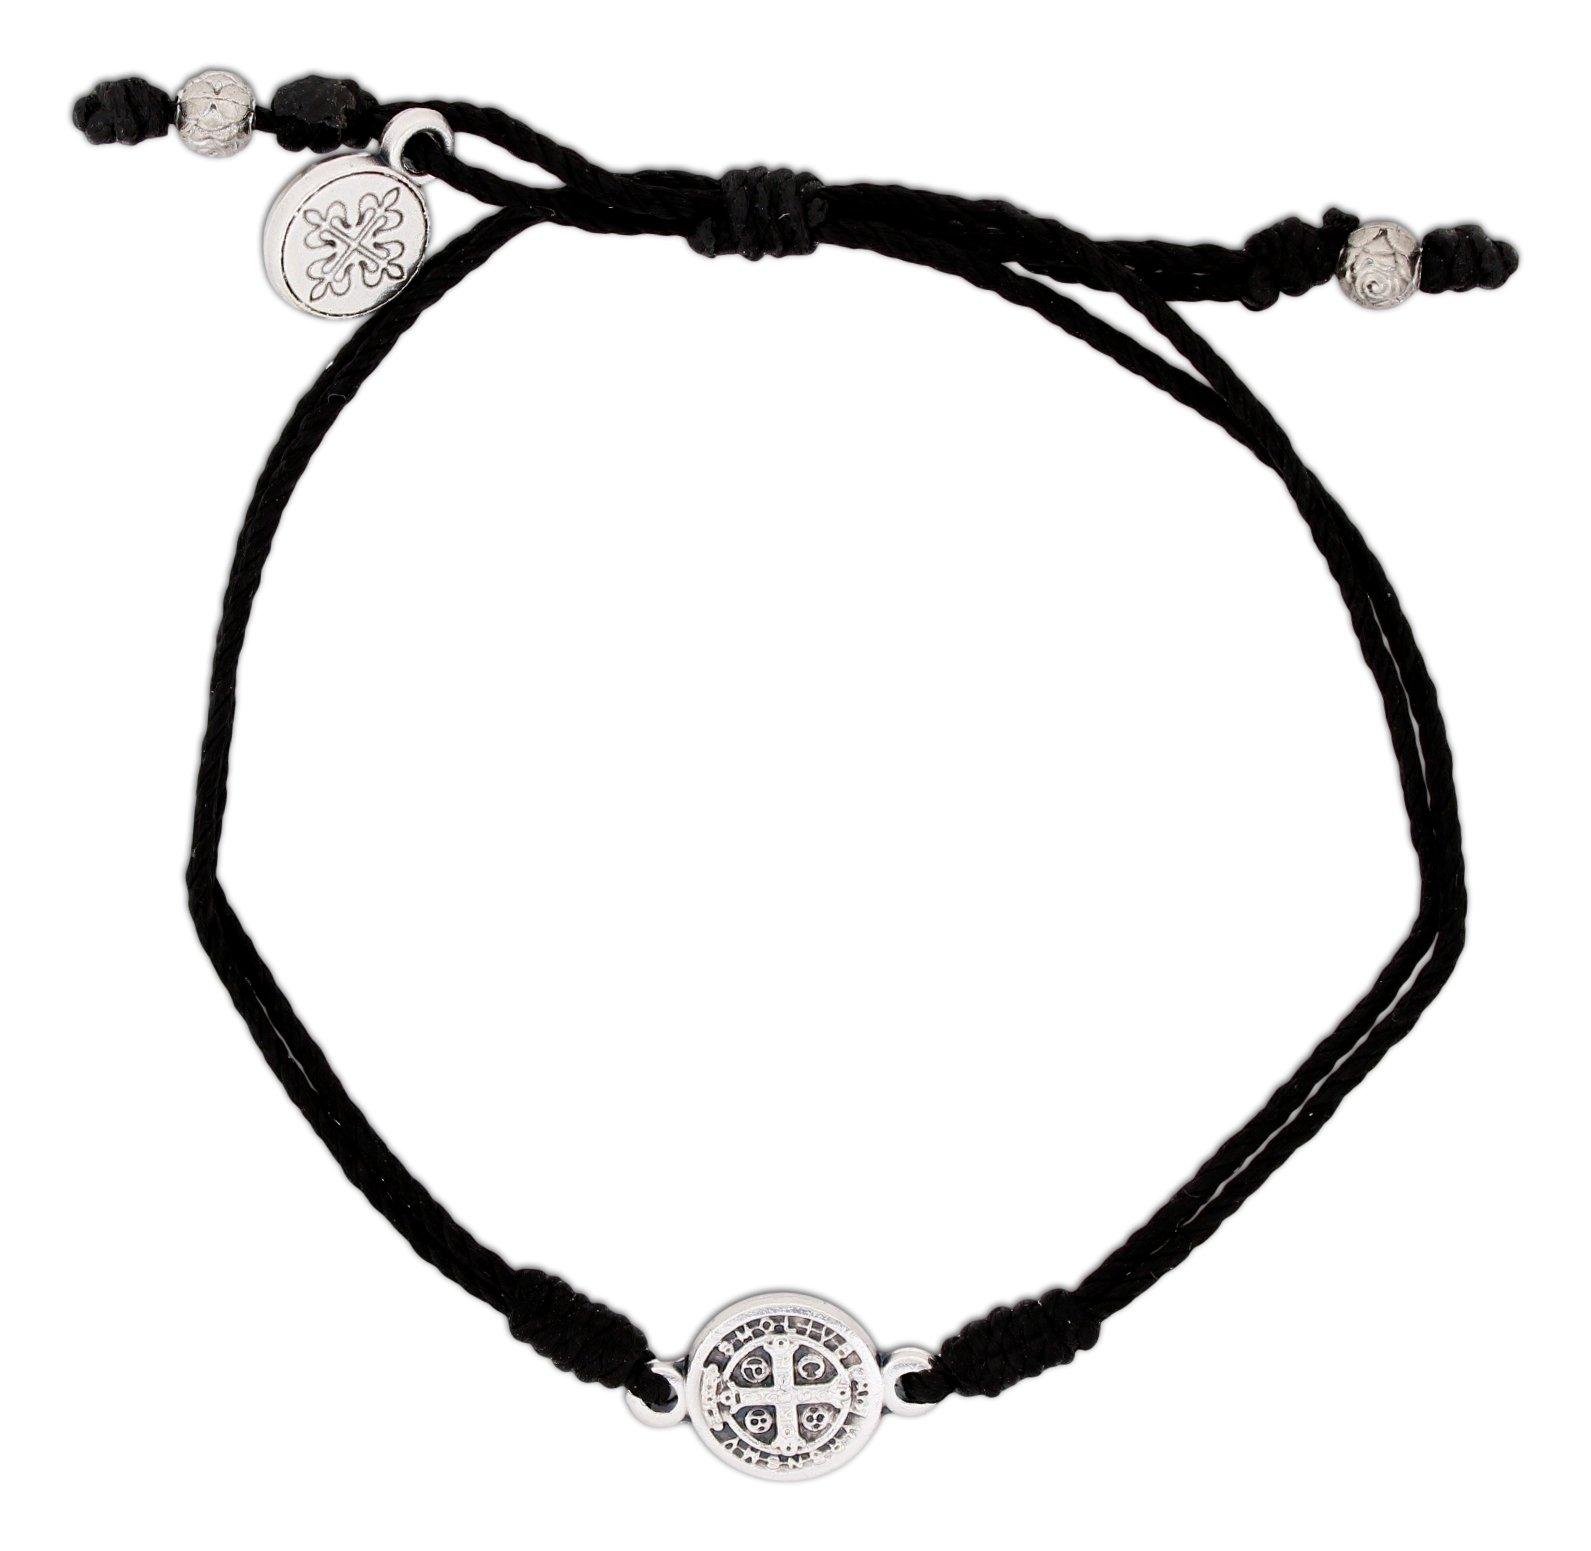 Inspirational Breathe Bracelet, Adjustable (Silver Plated on Black)